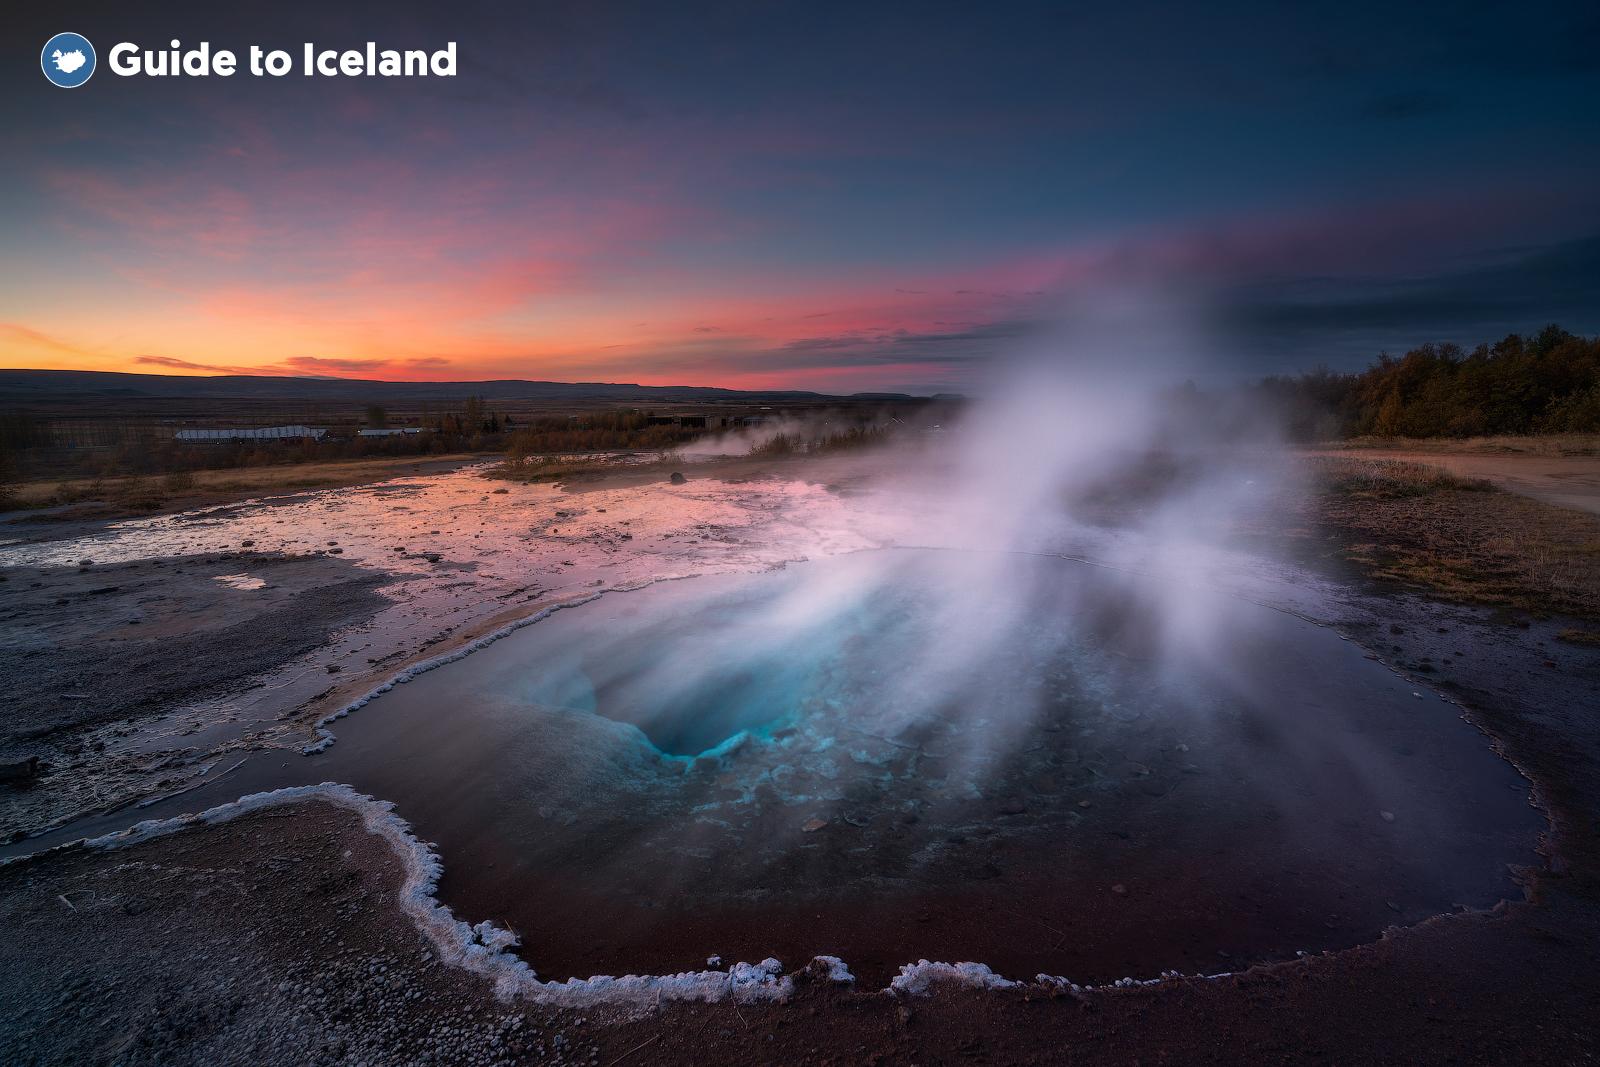 Strokkur geyser in Iceland's Golden Circle